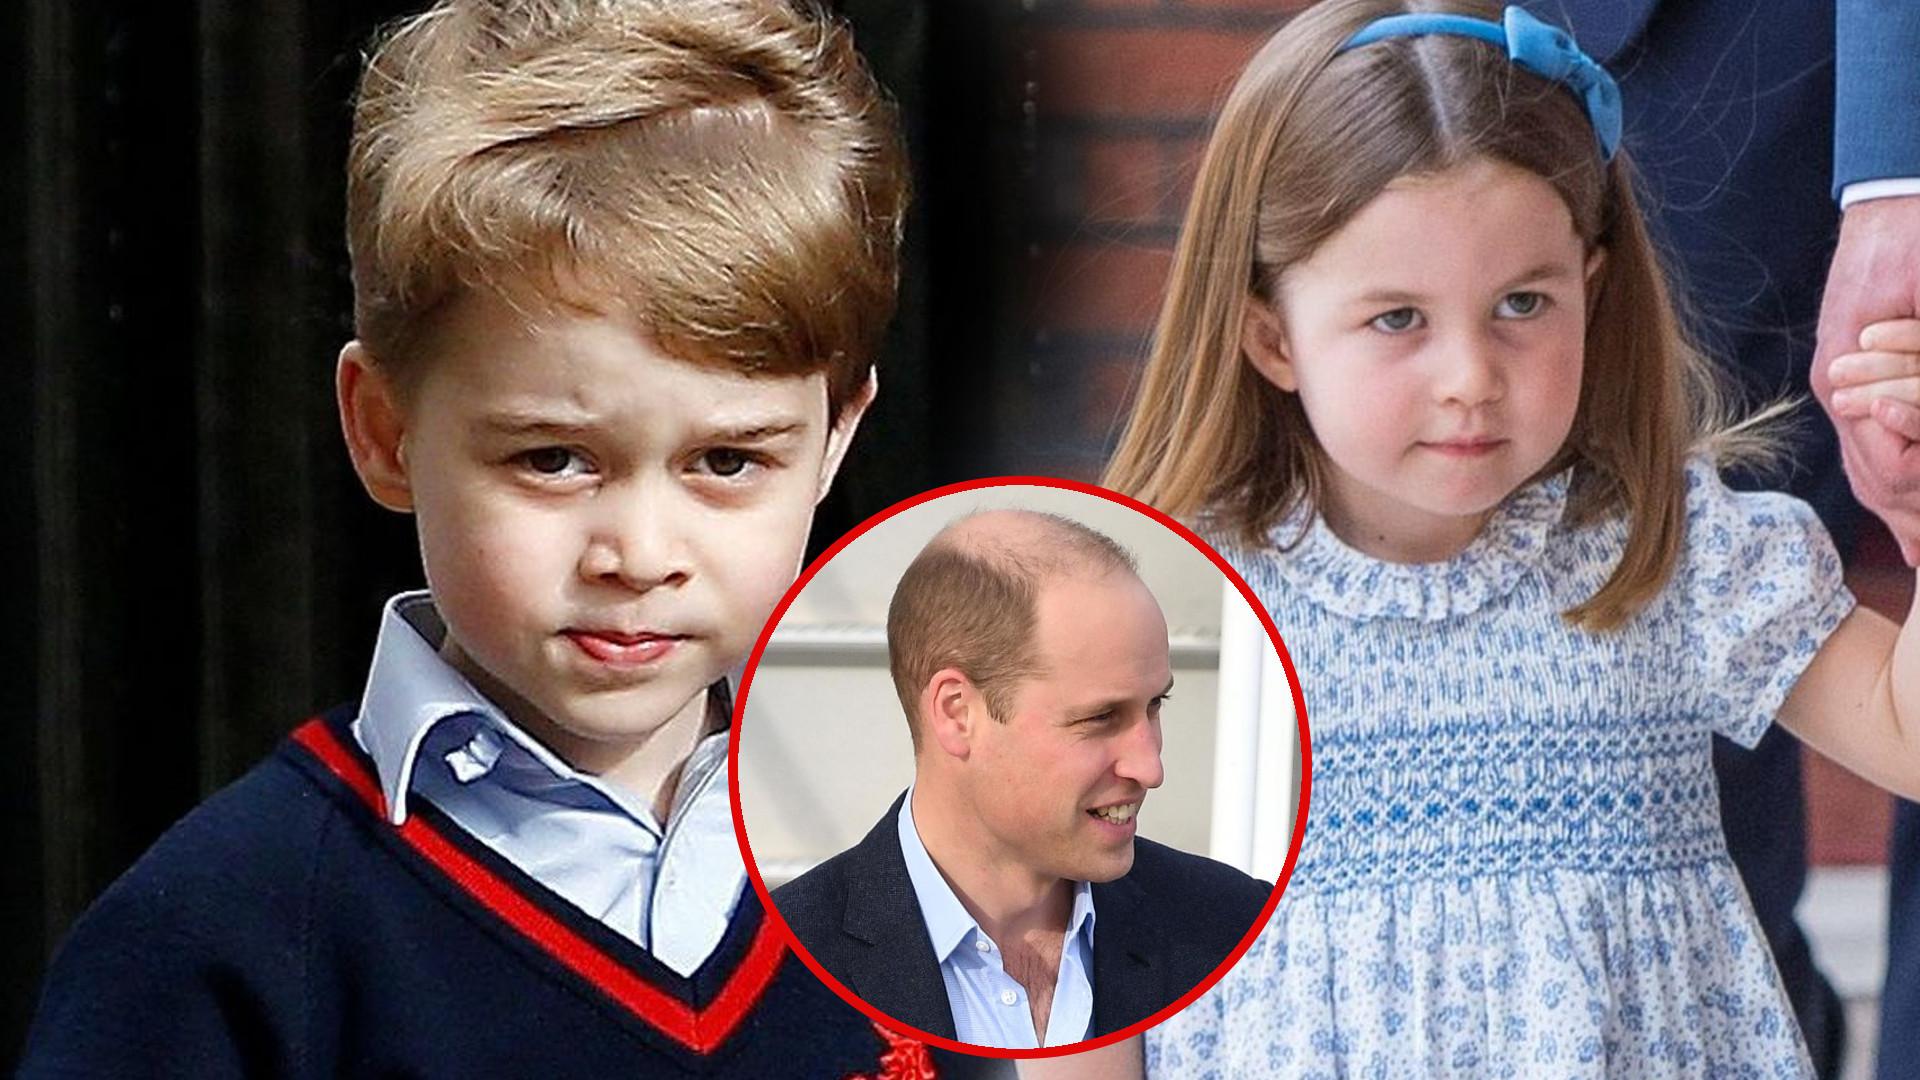 Książę George był NIEMIŁY wobec księżniczki Charlotte. Książę William zareagował